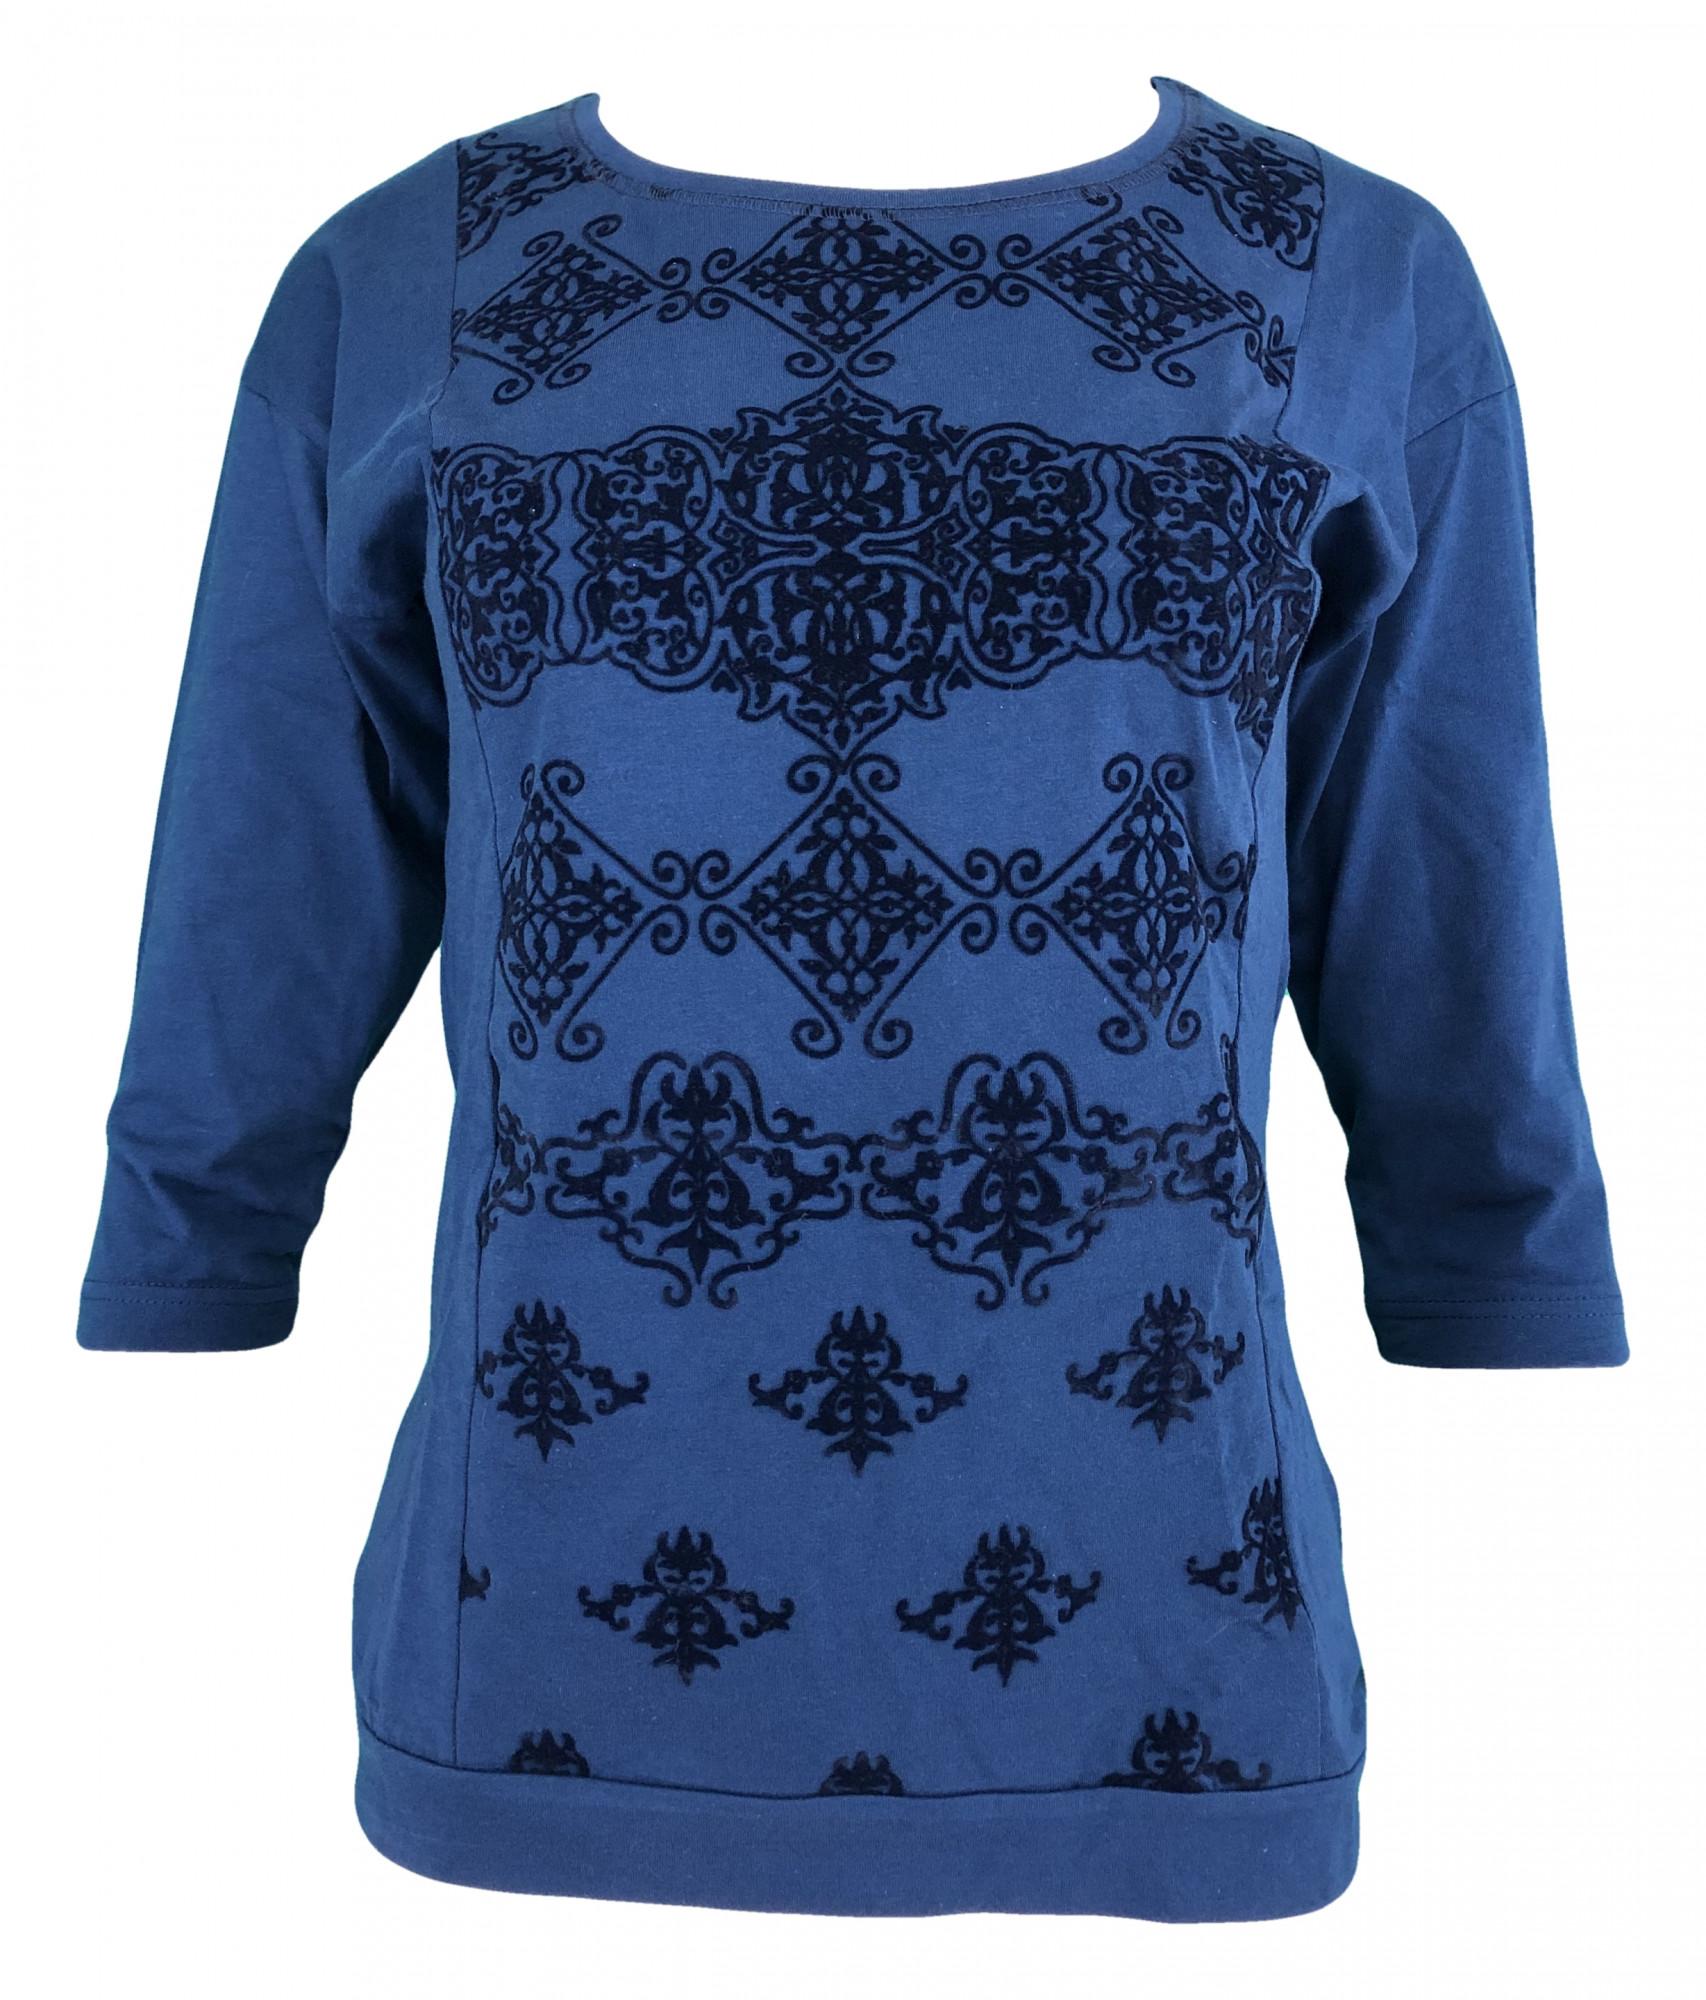 Dámské pyžamo 4318 - Vienetta Barva: modrá, Velikost: S